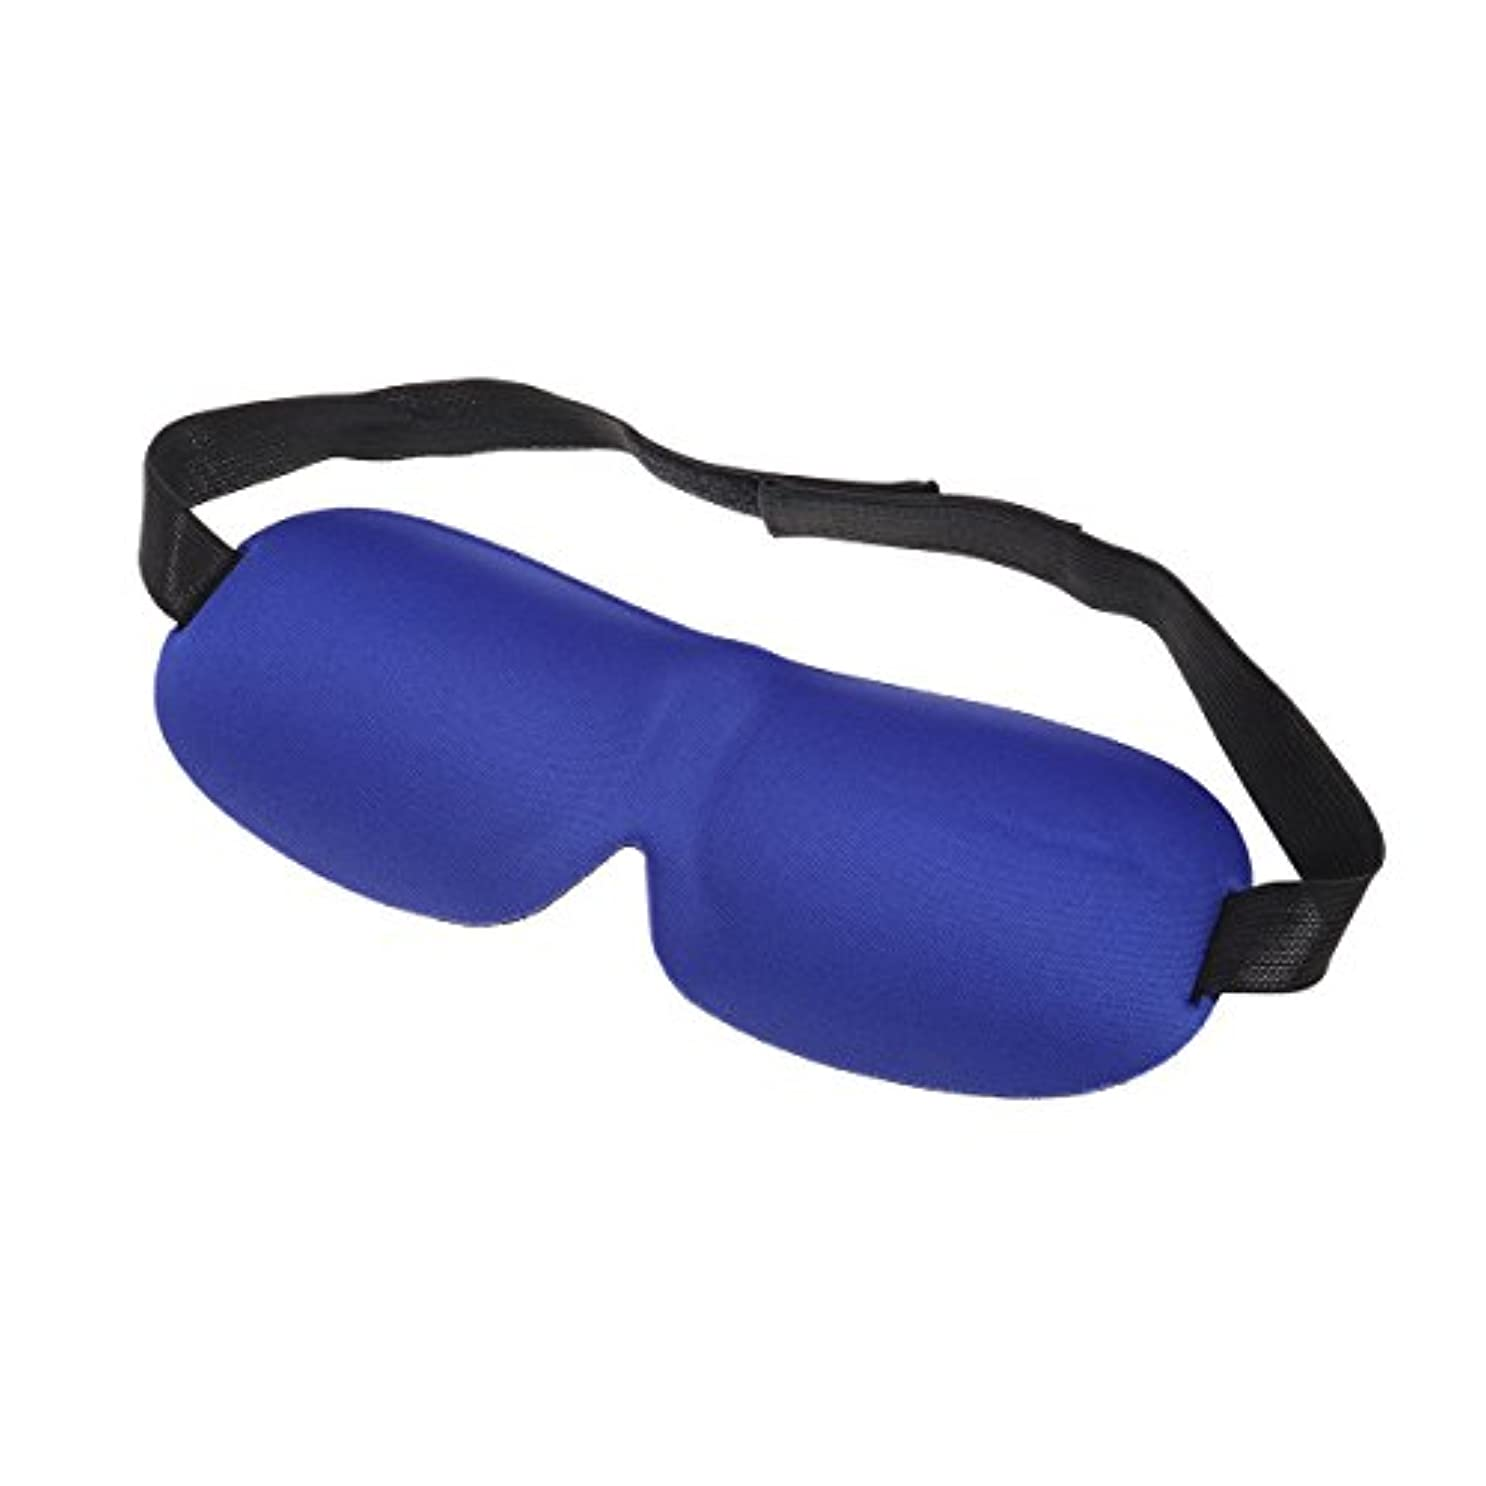 あさり株式領事館ROSENICE アイマスク 遮光 睡眠 軽量 目隠し 圧迫感なし 調節可能 3D睡眠マスク(ブルー)